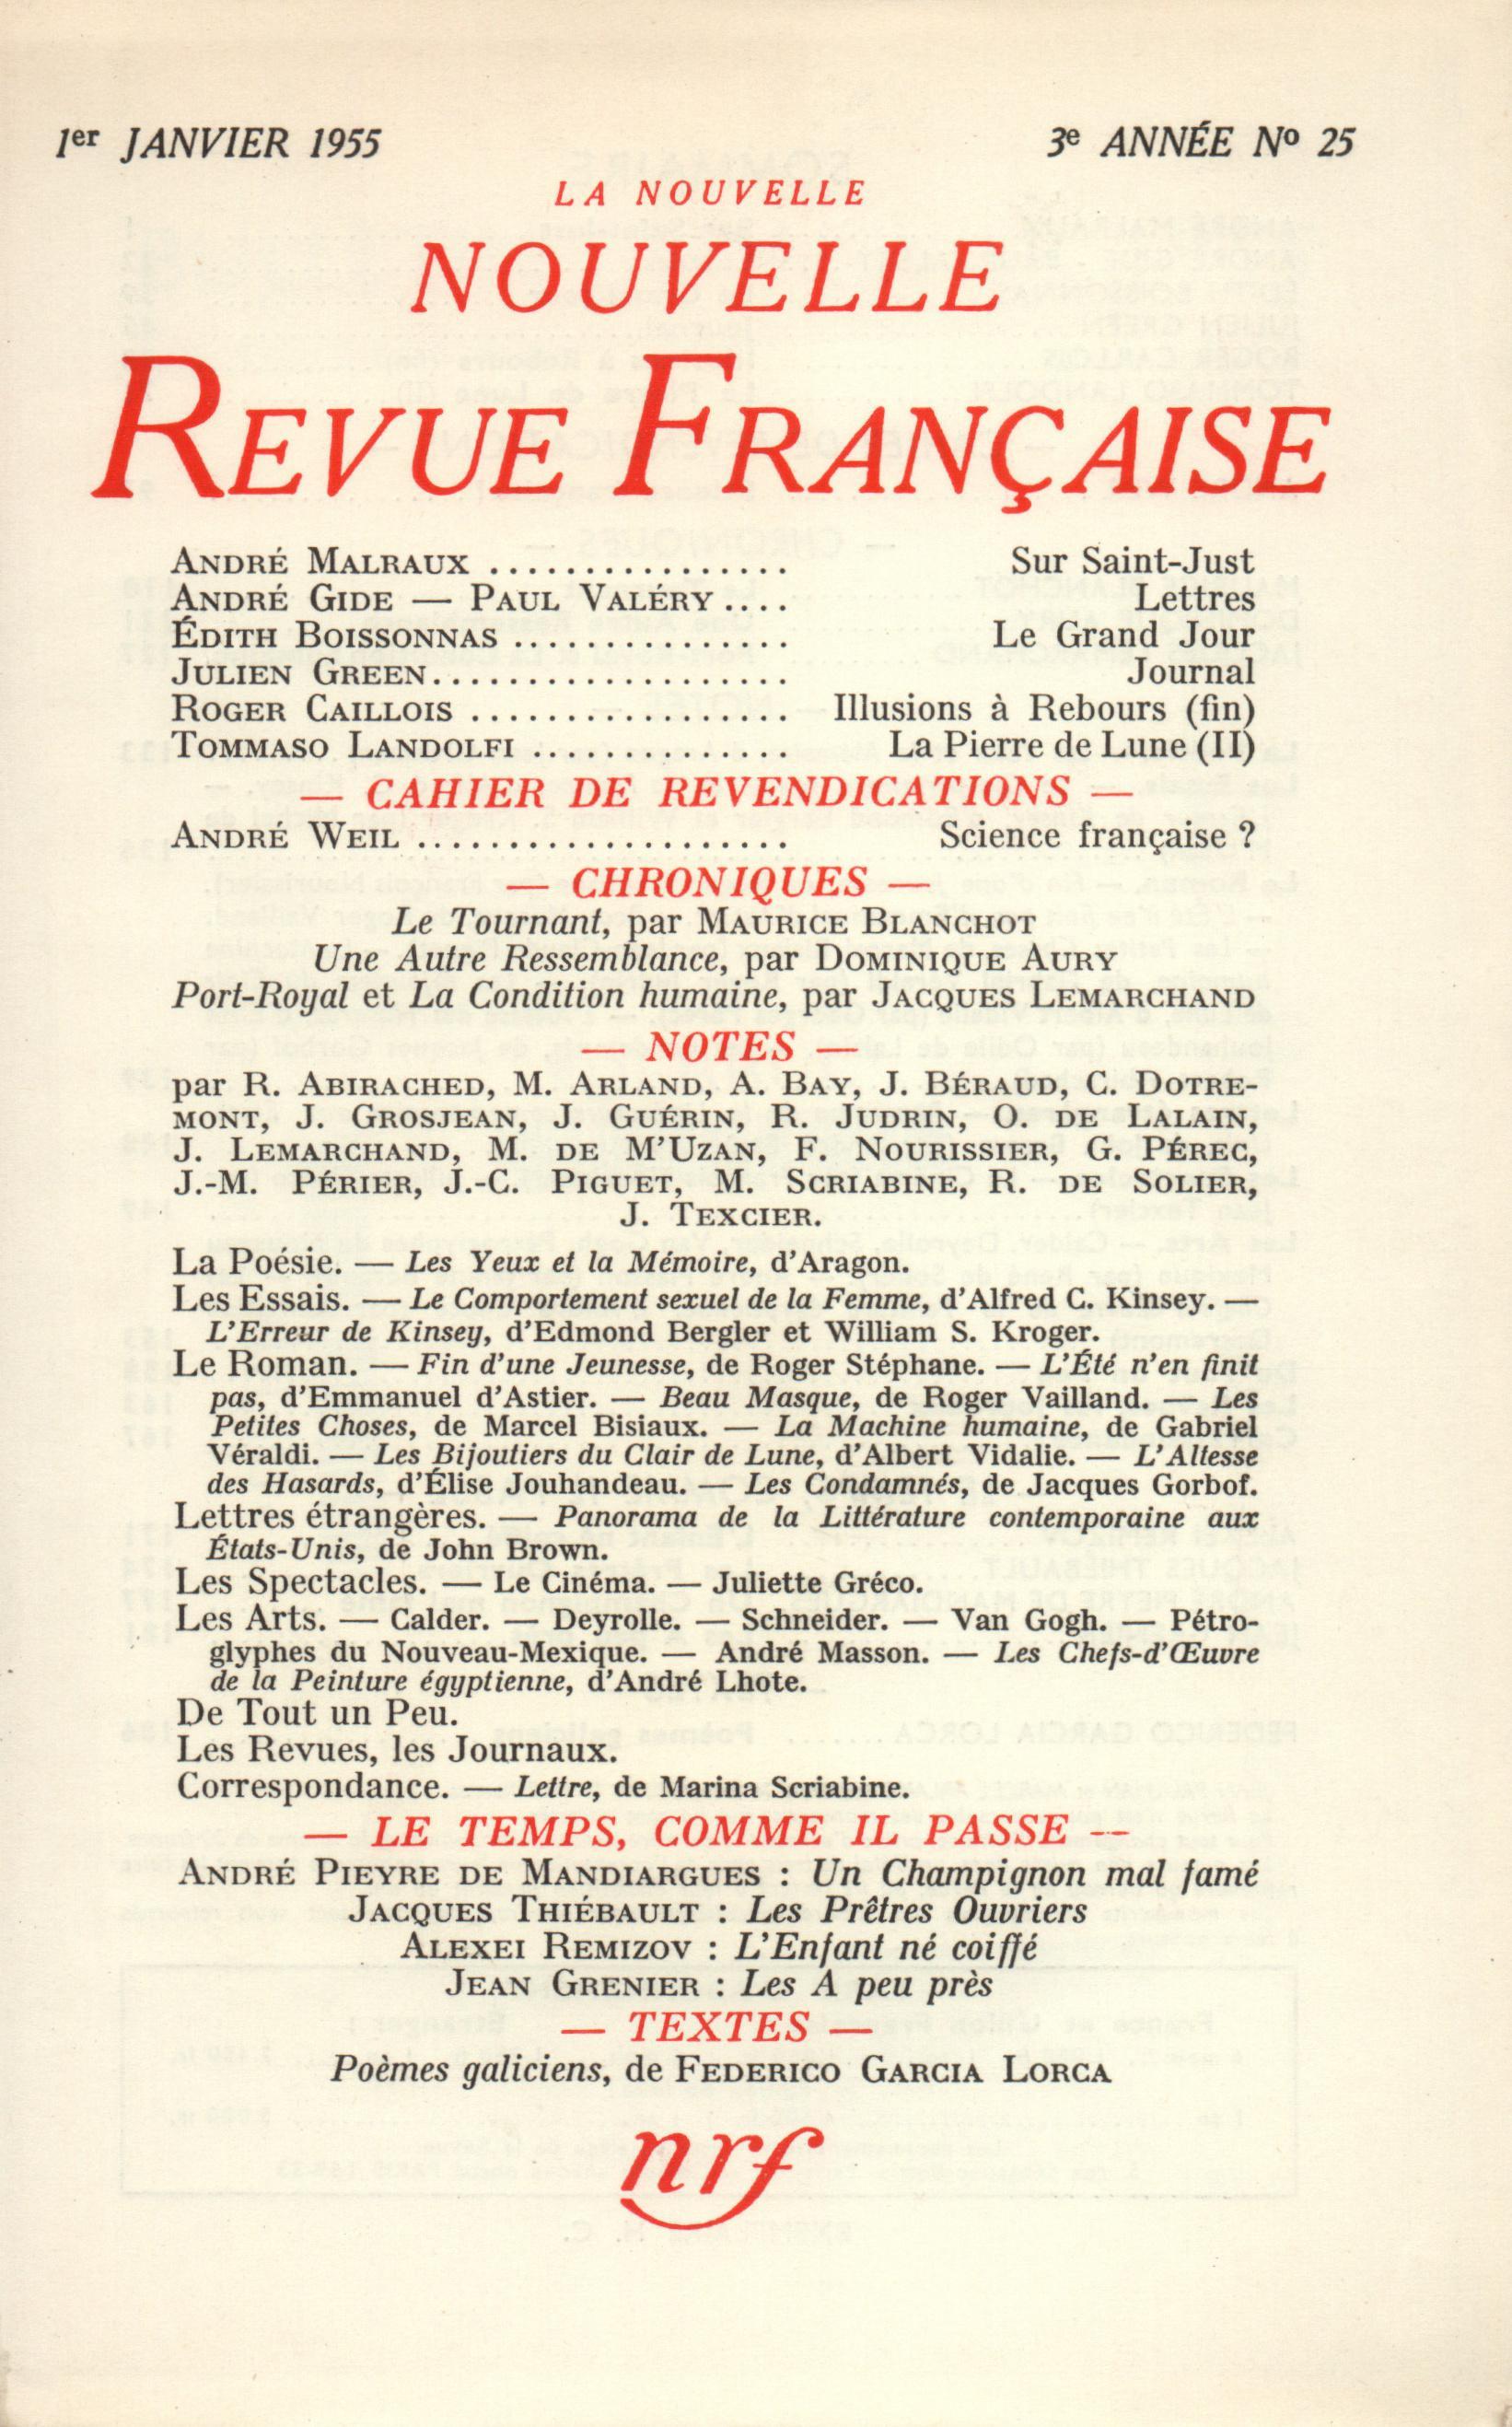 La Nouvelle Nouvelle Revue Française N' 25 (Janvier 1955)